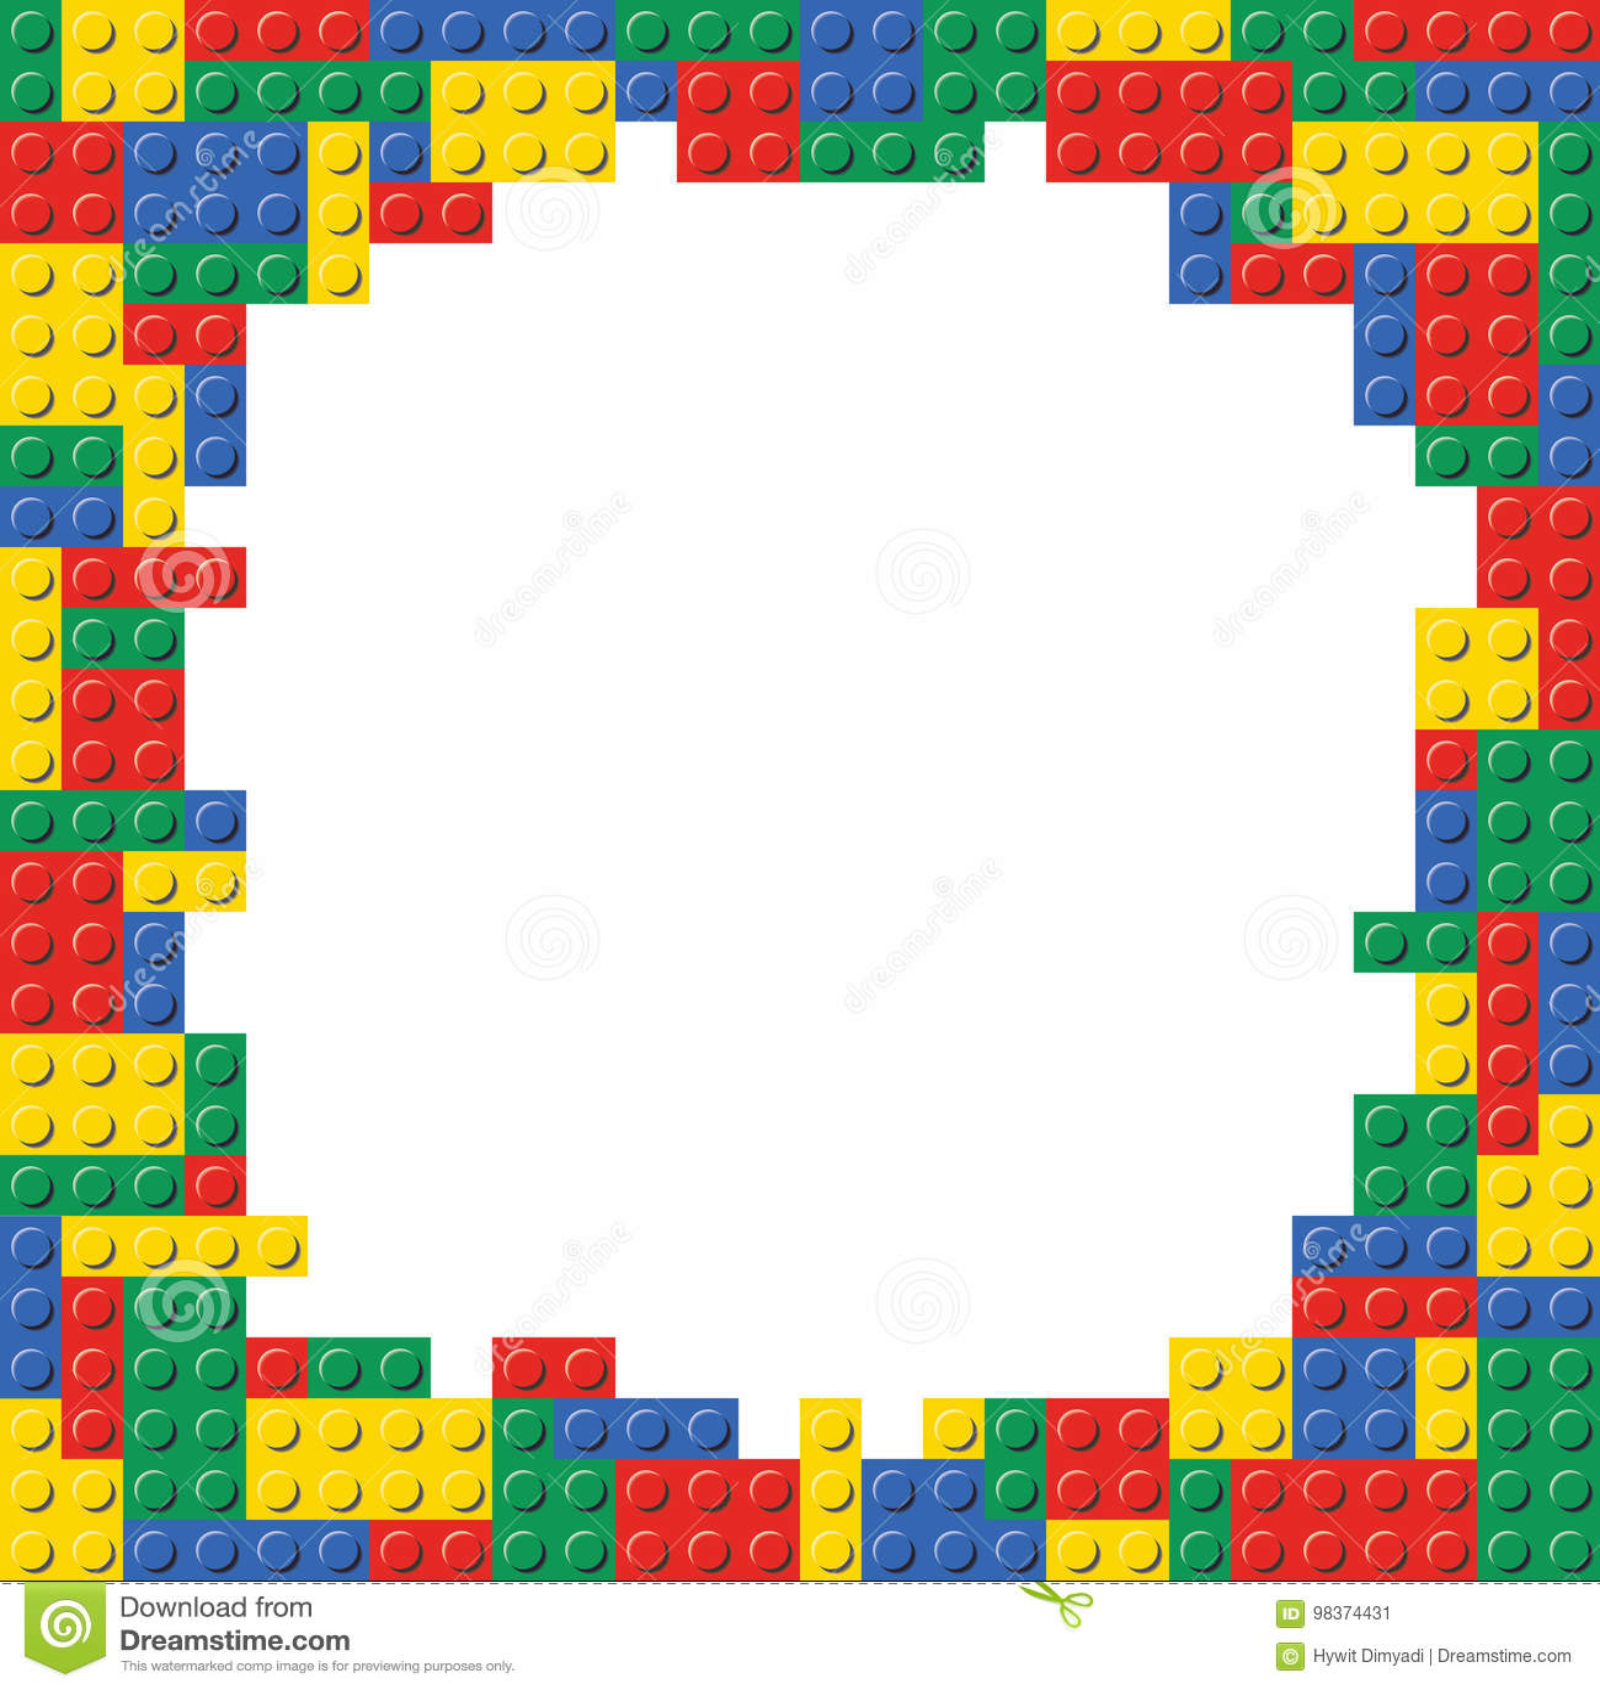 lego blocks border-#4